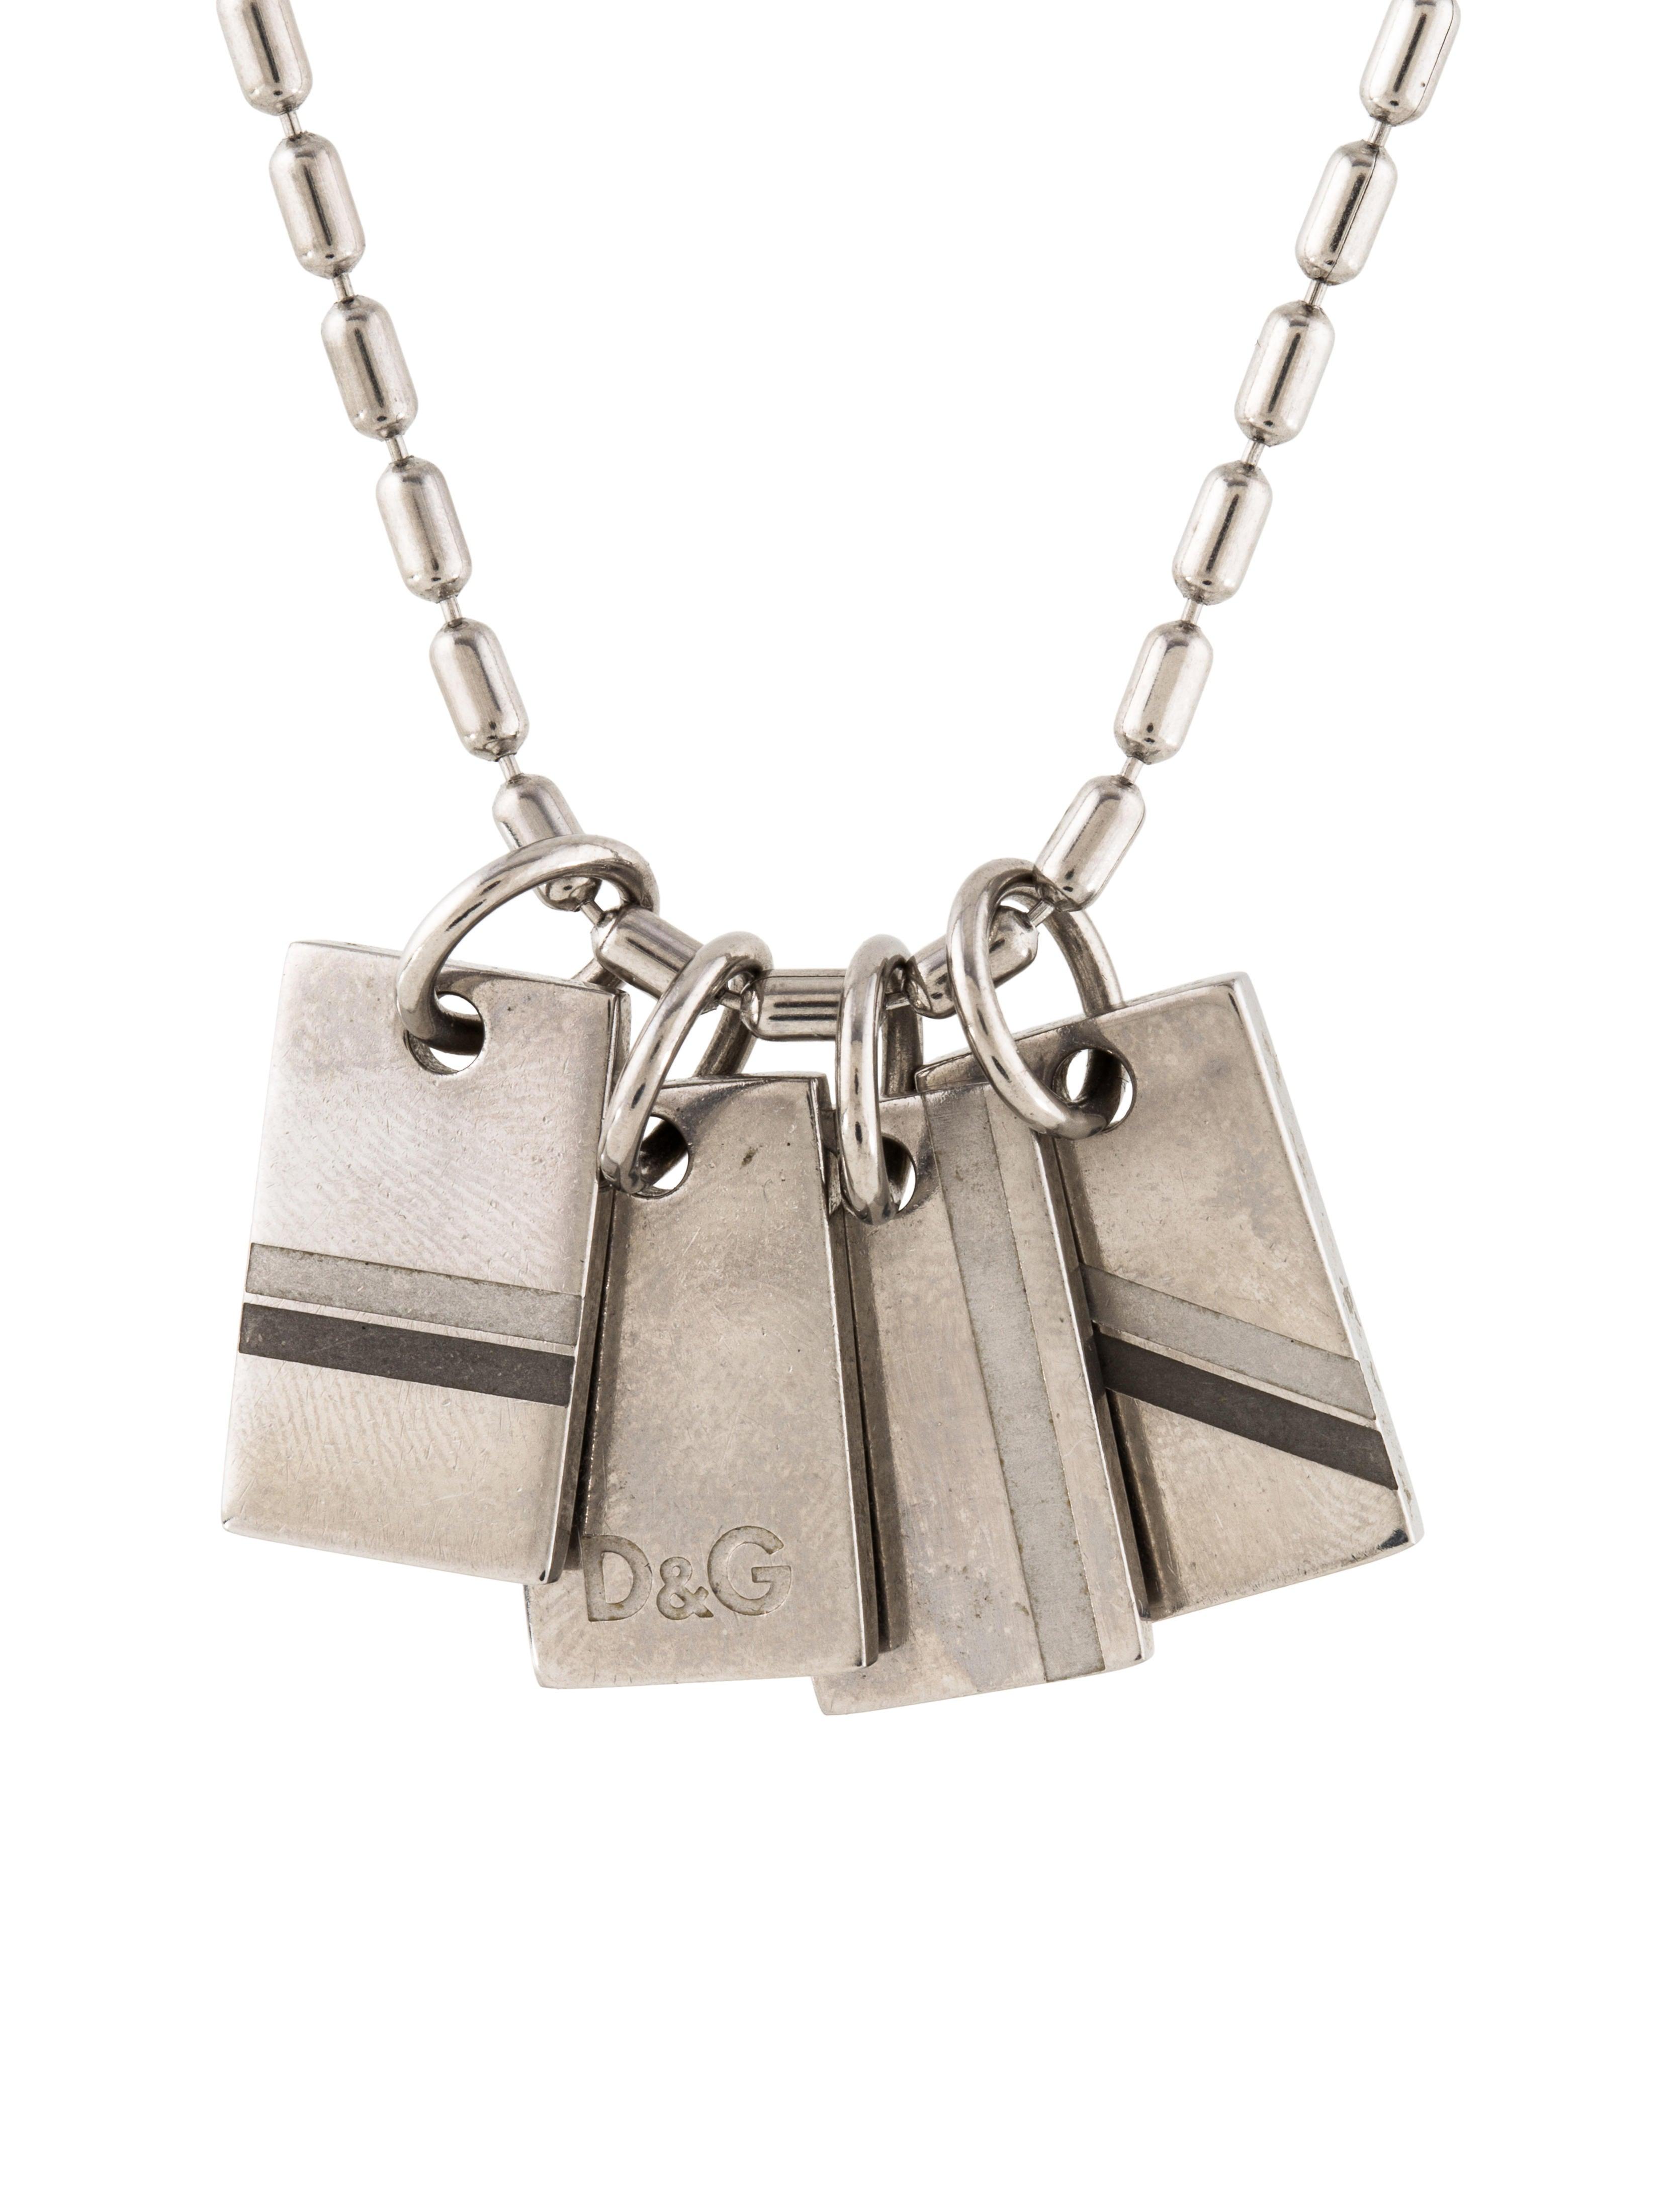 d g four tag pendant necklace necklaces wdg35666 the